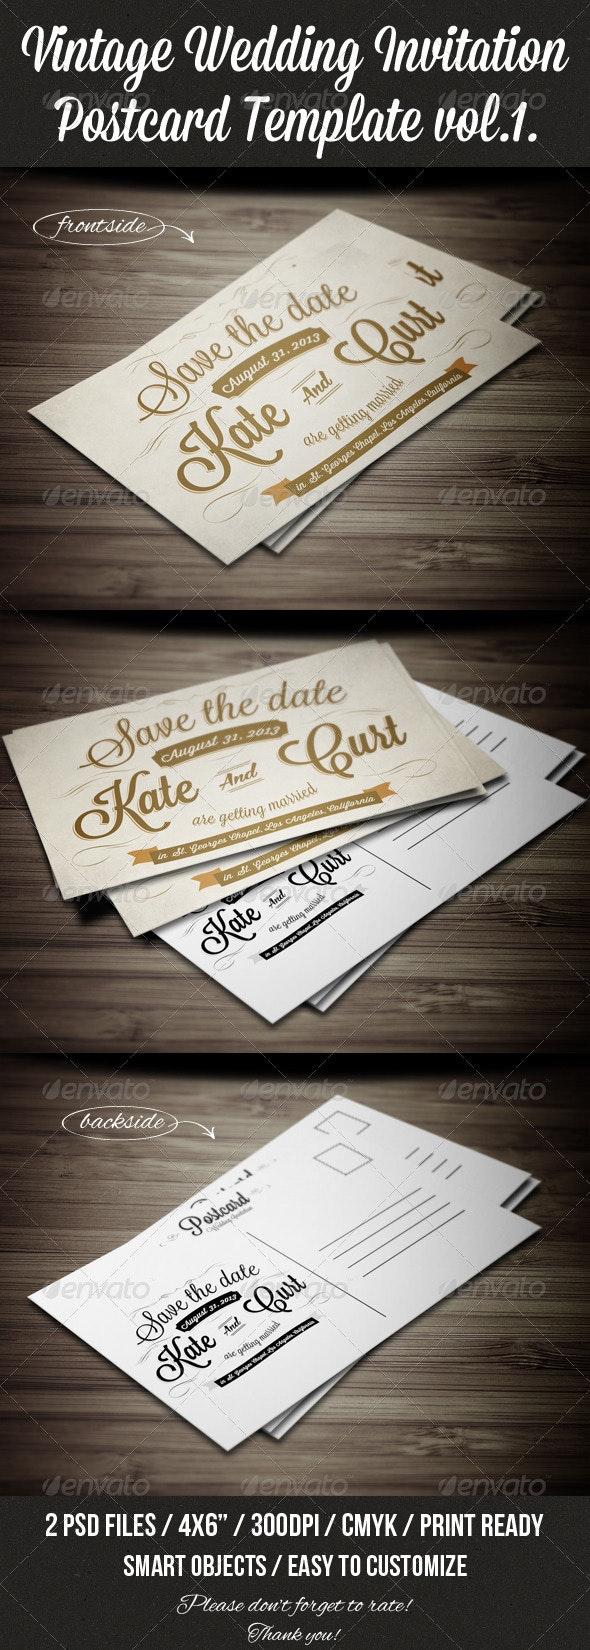 Vintage Wedding Invitation Postcard Template vol.1 - Weddings Cards & Invites